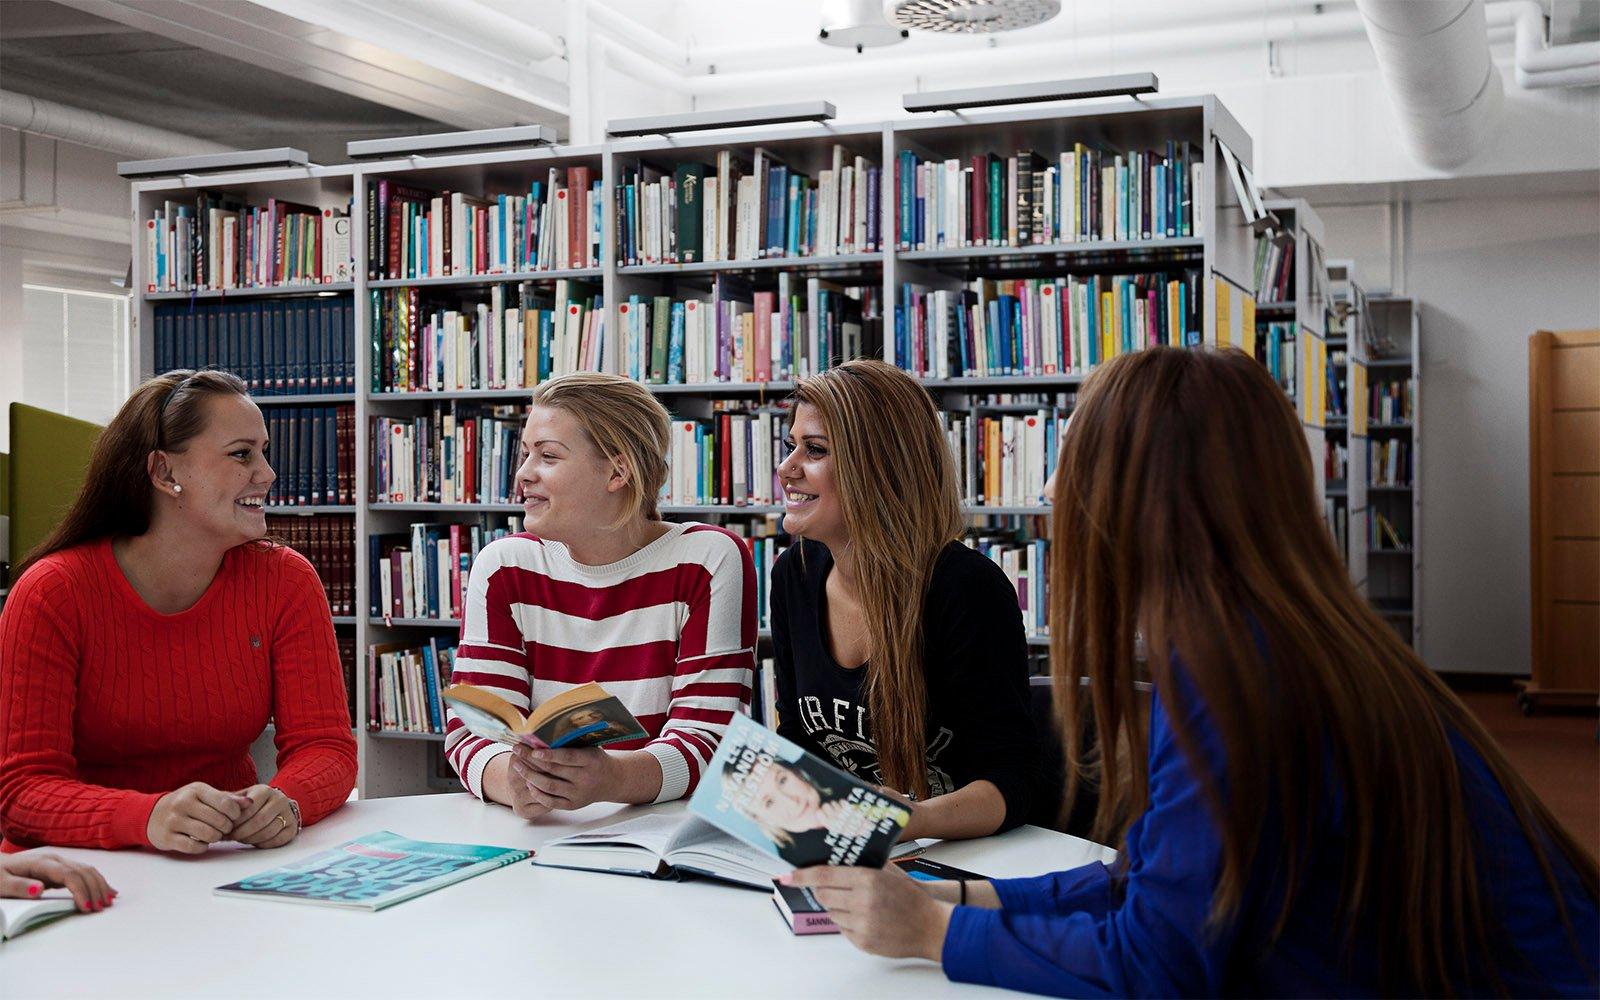 Écoliers du Sågbäcksgymnasiet dans la bibliothèque illuminée de lumière naturelle